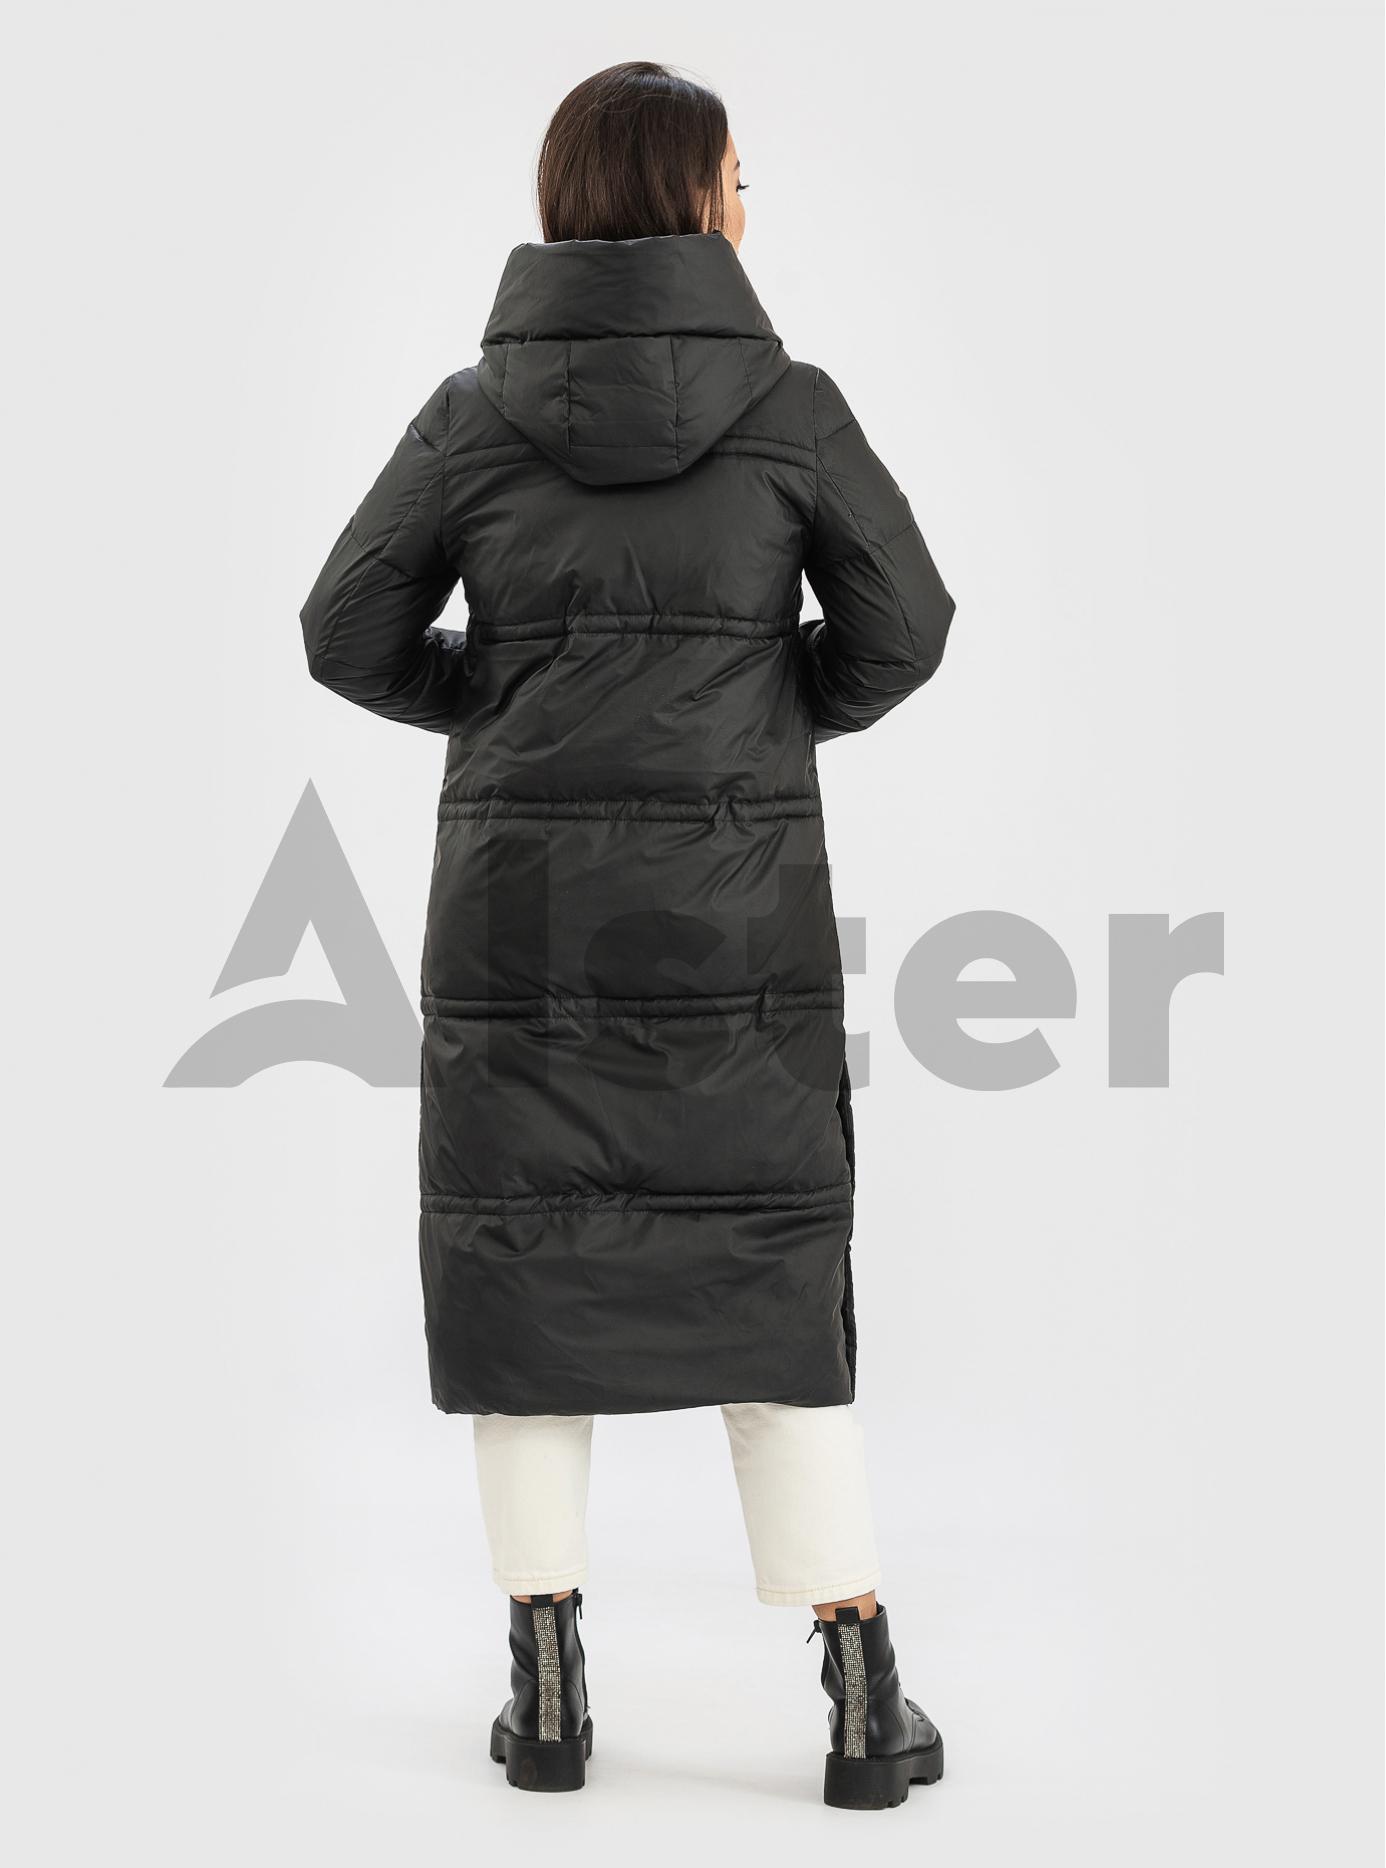 Довга жіноча куртка ZLLY Чорний L (ZL21543-03): фото - Alster.ua